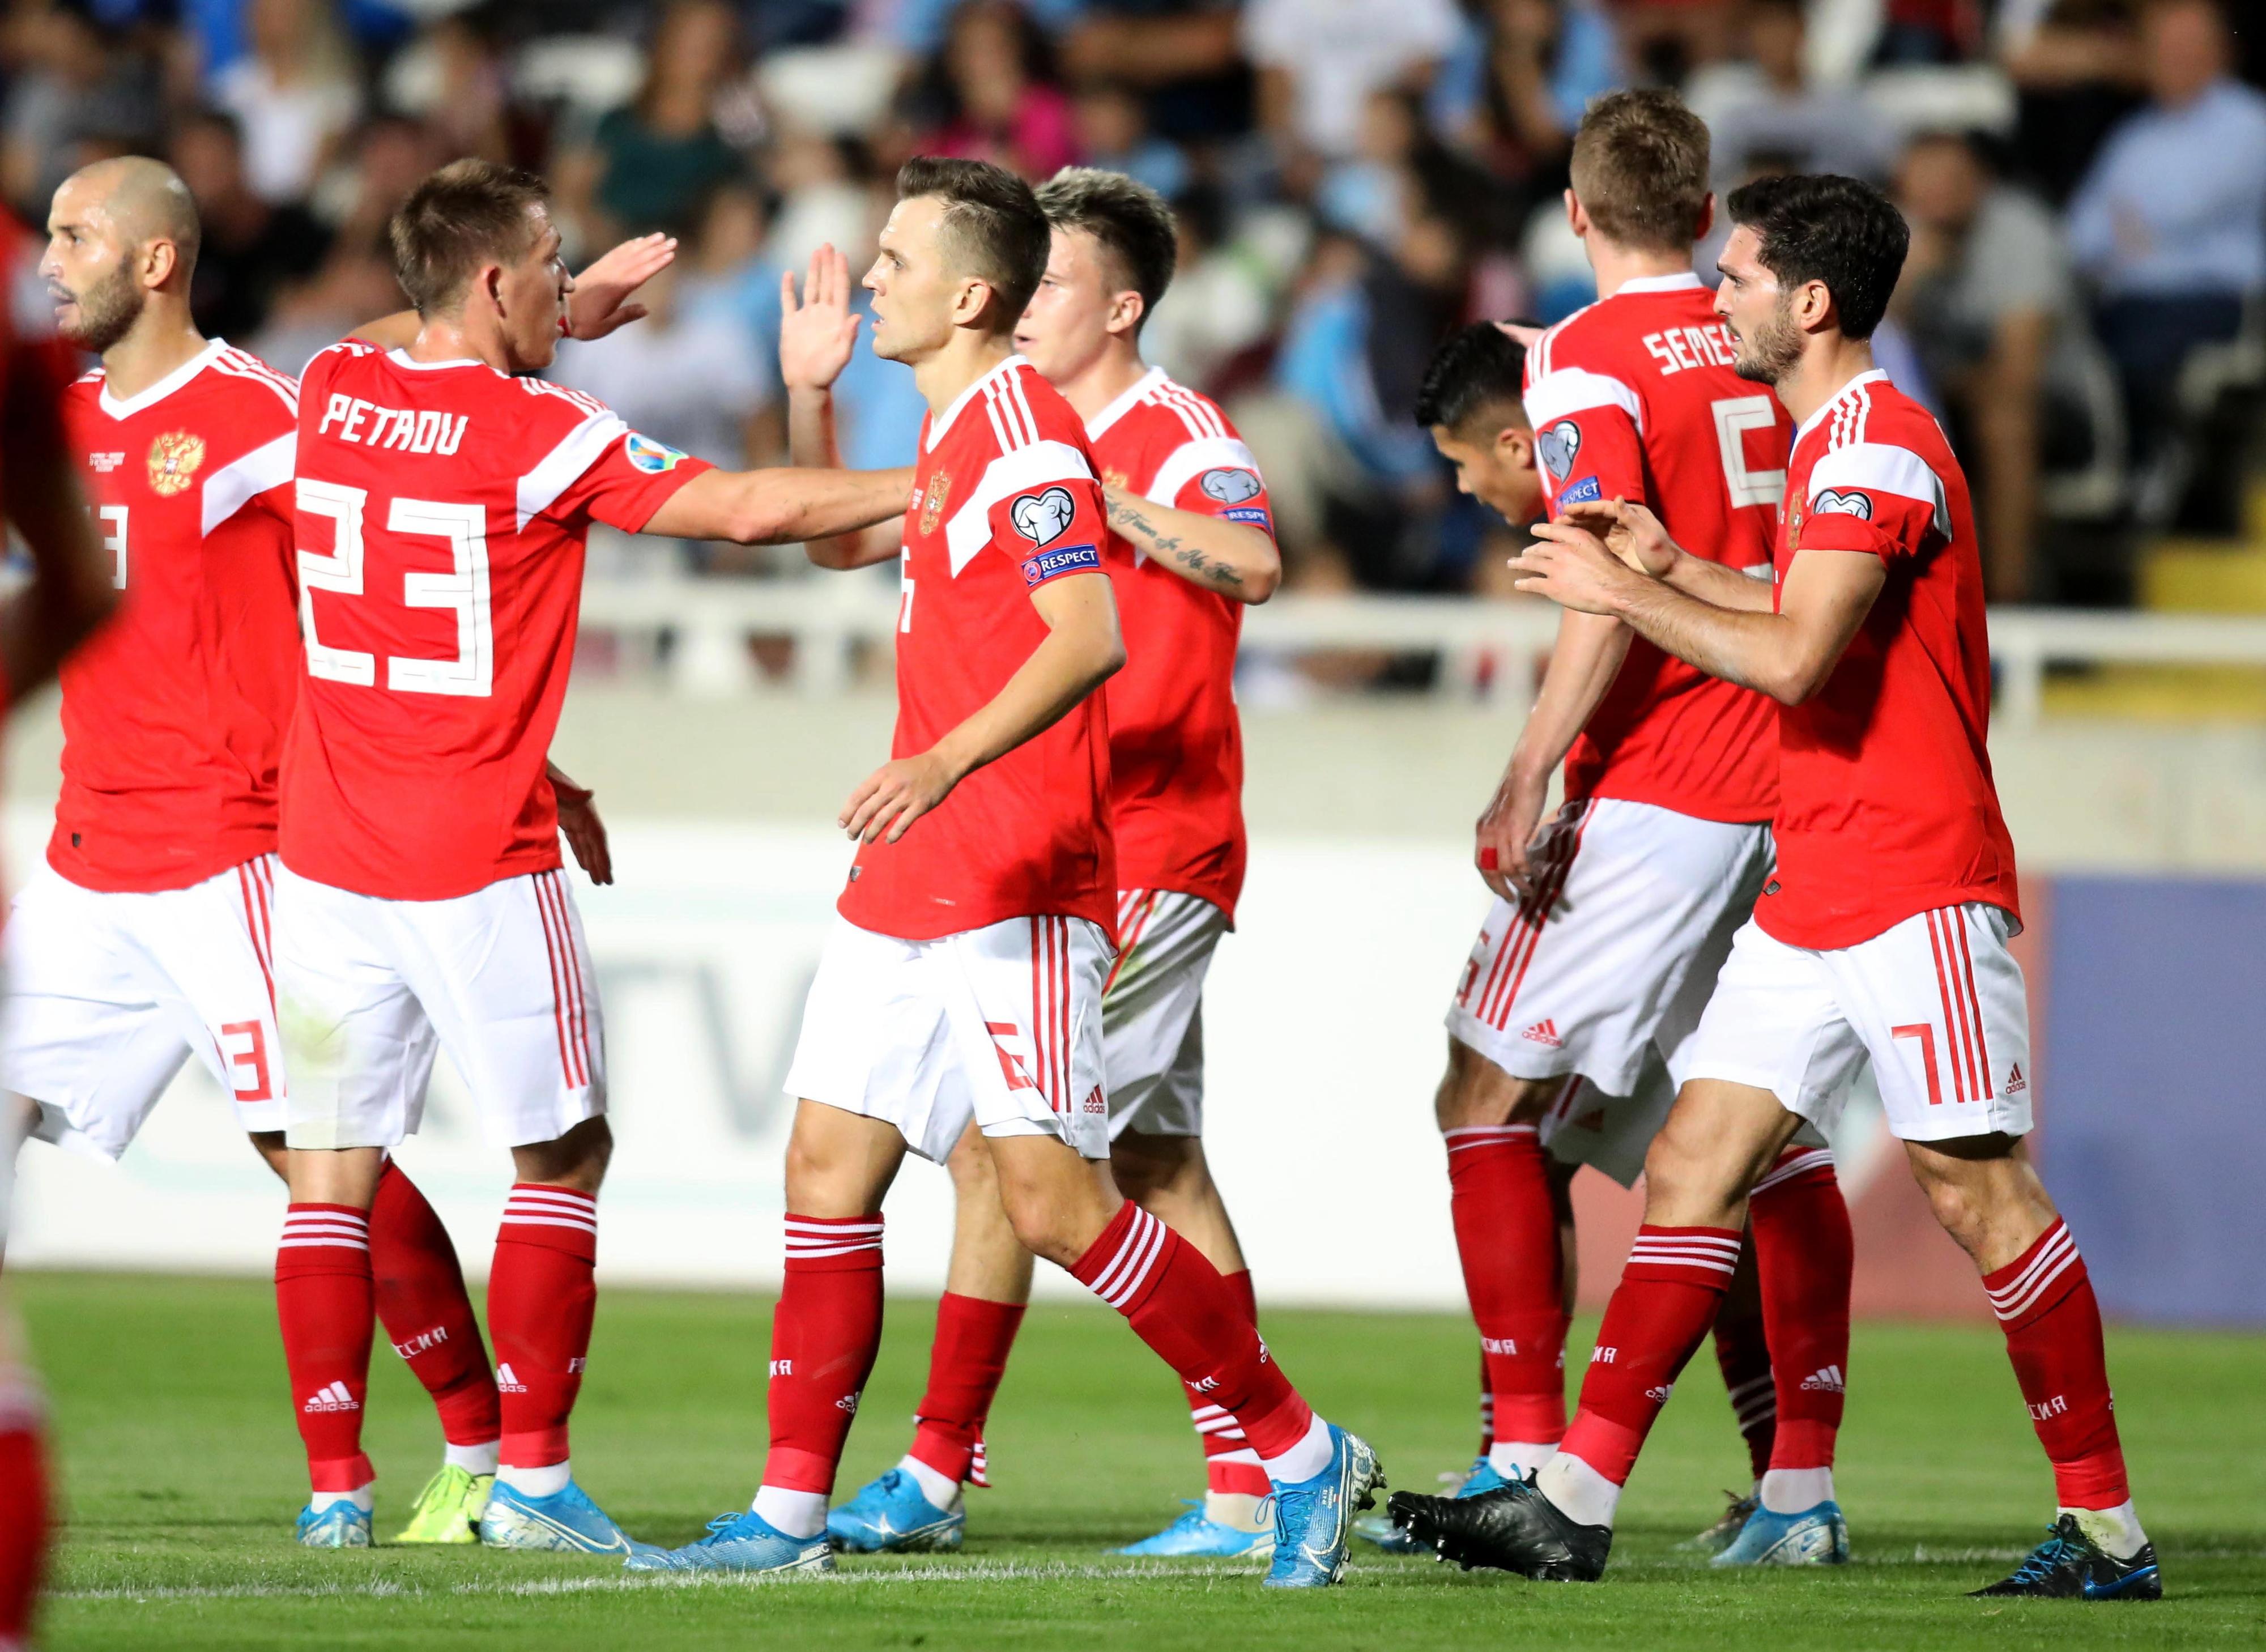 Rússia goleia Chipre e confirma presença no Euro 2020